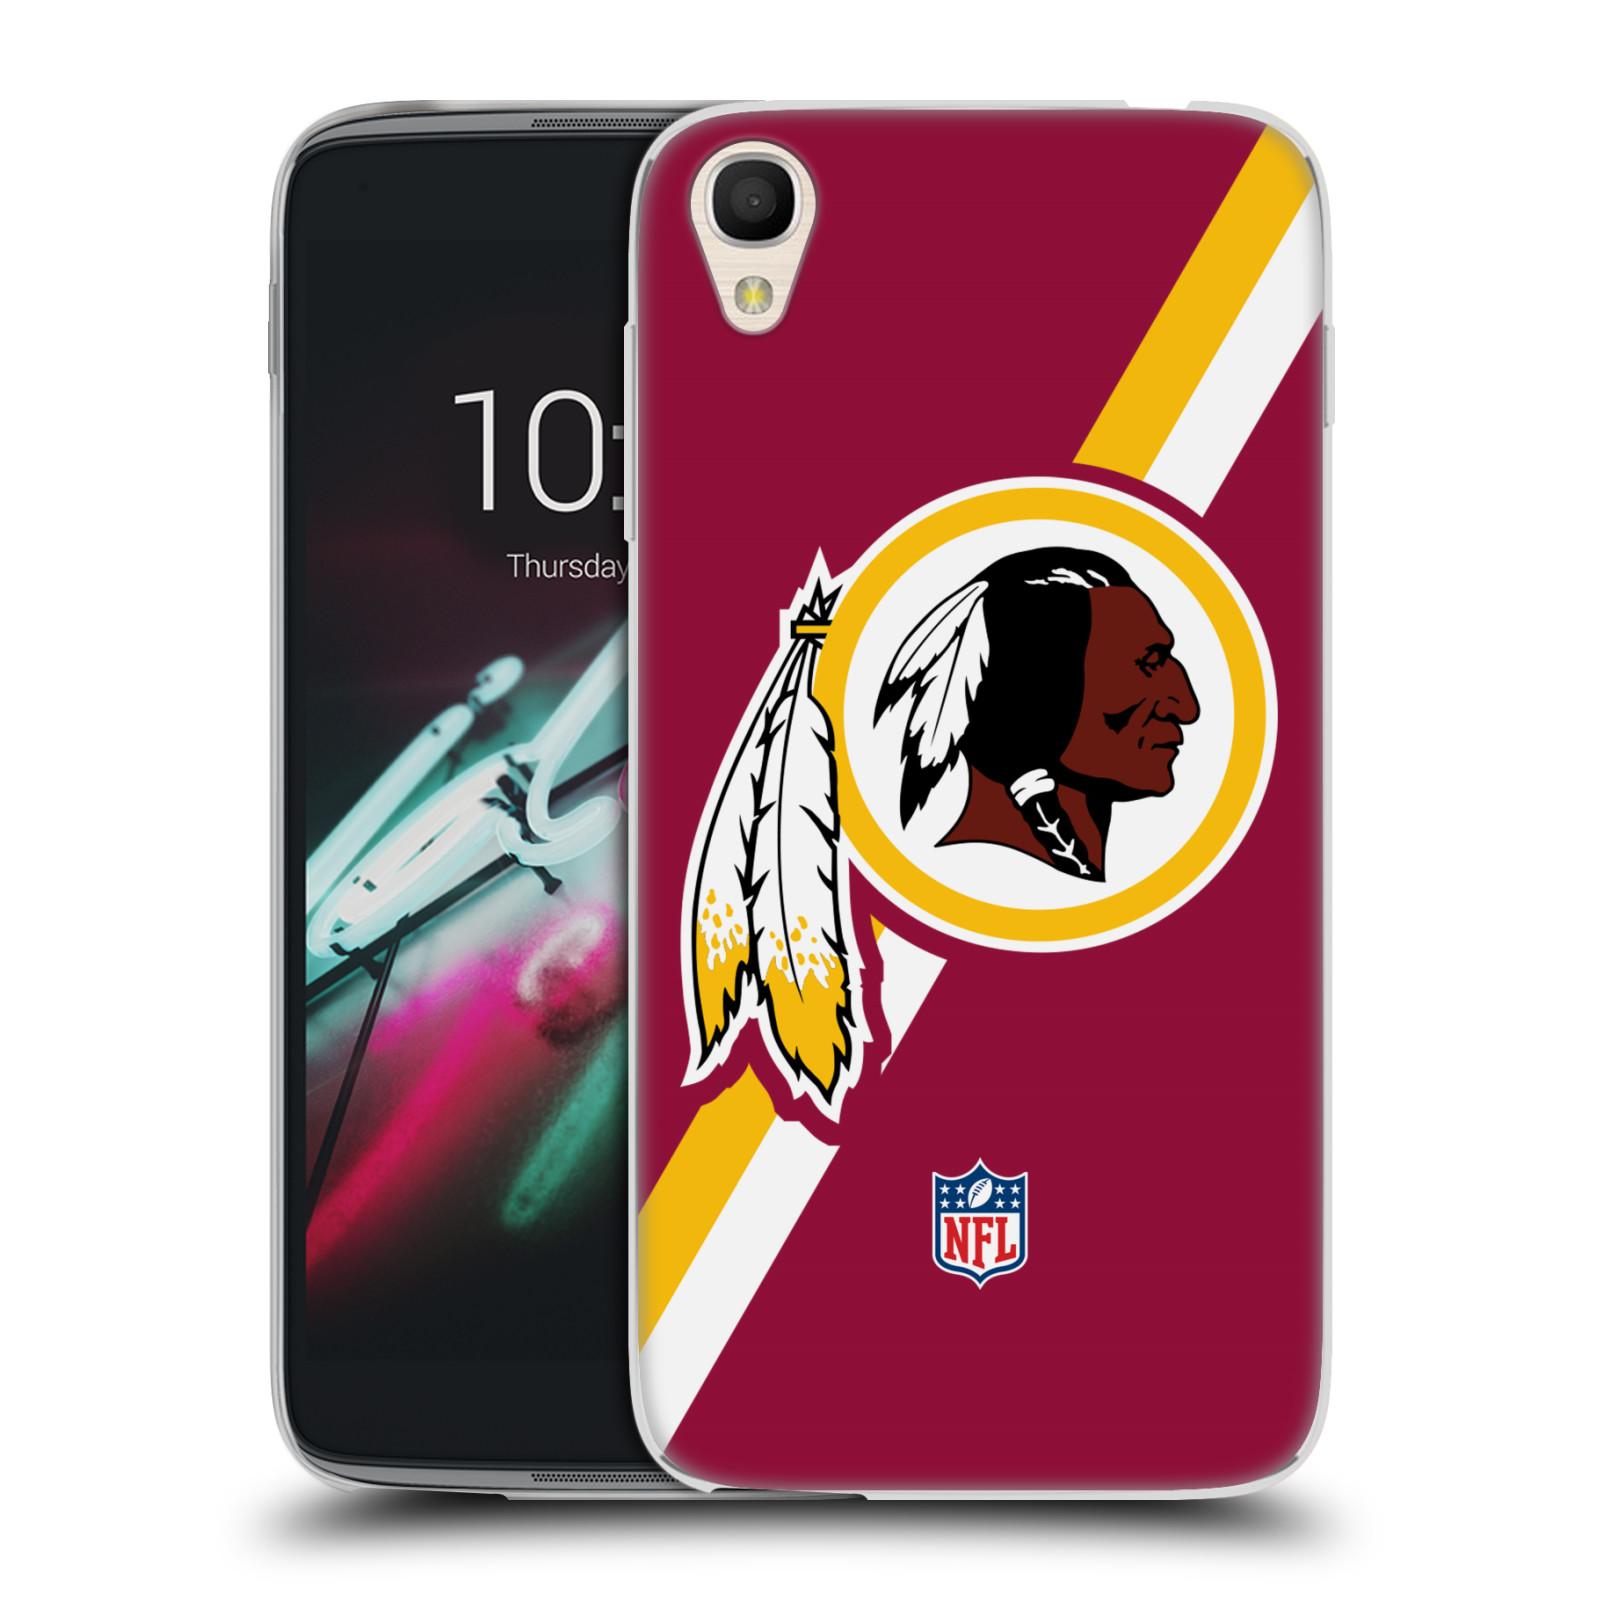 """Silikonové pouzdro na mobil Alcatel One Touch 6039Y Idol 3 HEAD CASE NFL - Washington Redskins (Silikonový kryt či obal na mobilní telefon licencovaným motivem NFL pro Alcatel One Touch Idol 3 OT-6039Y s 4,7"""" displejem)"""